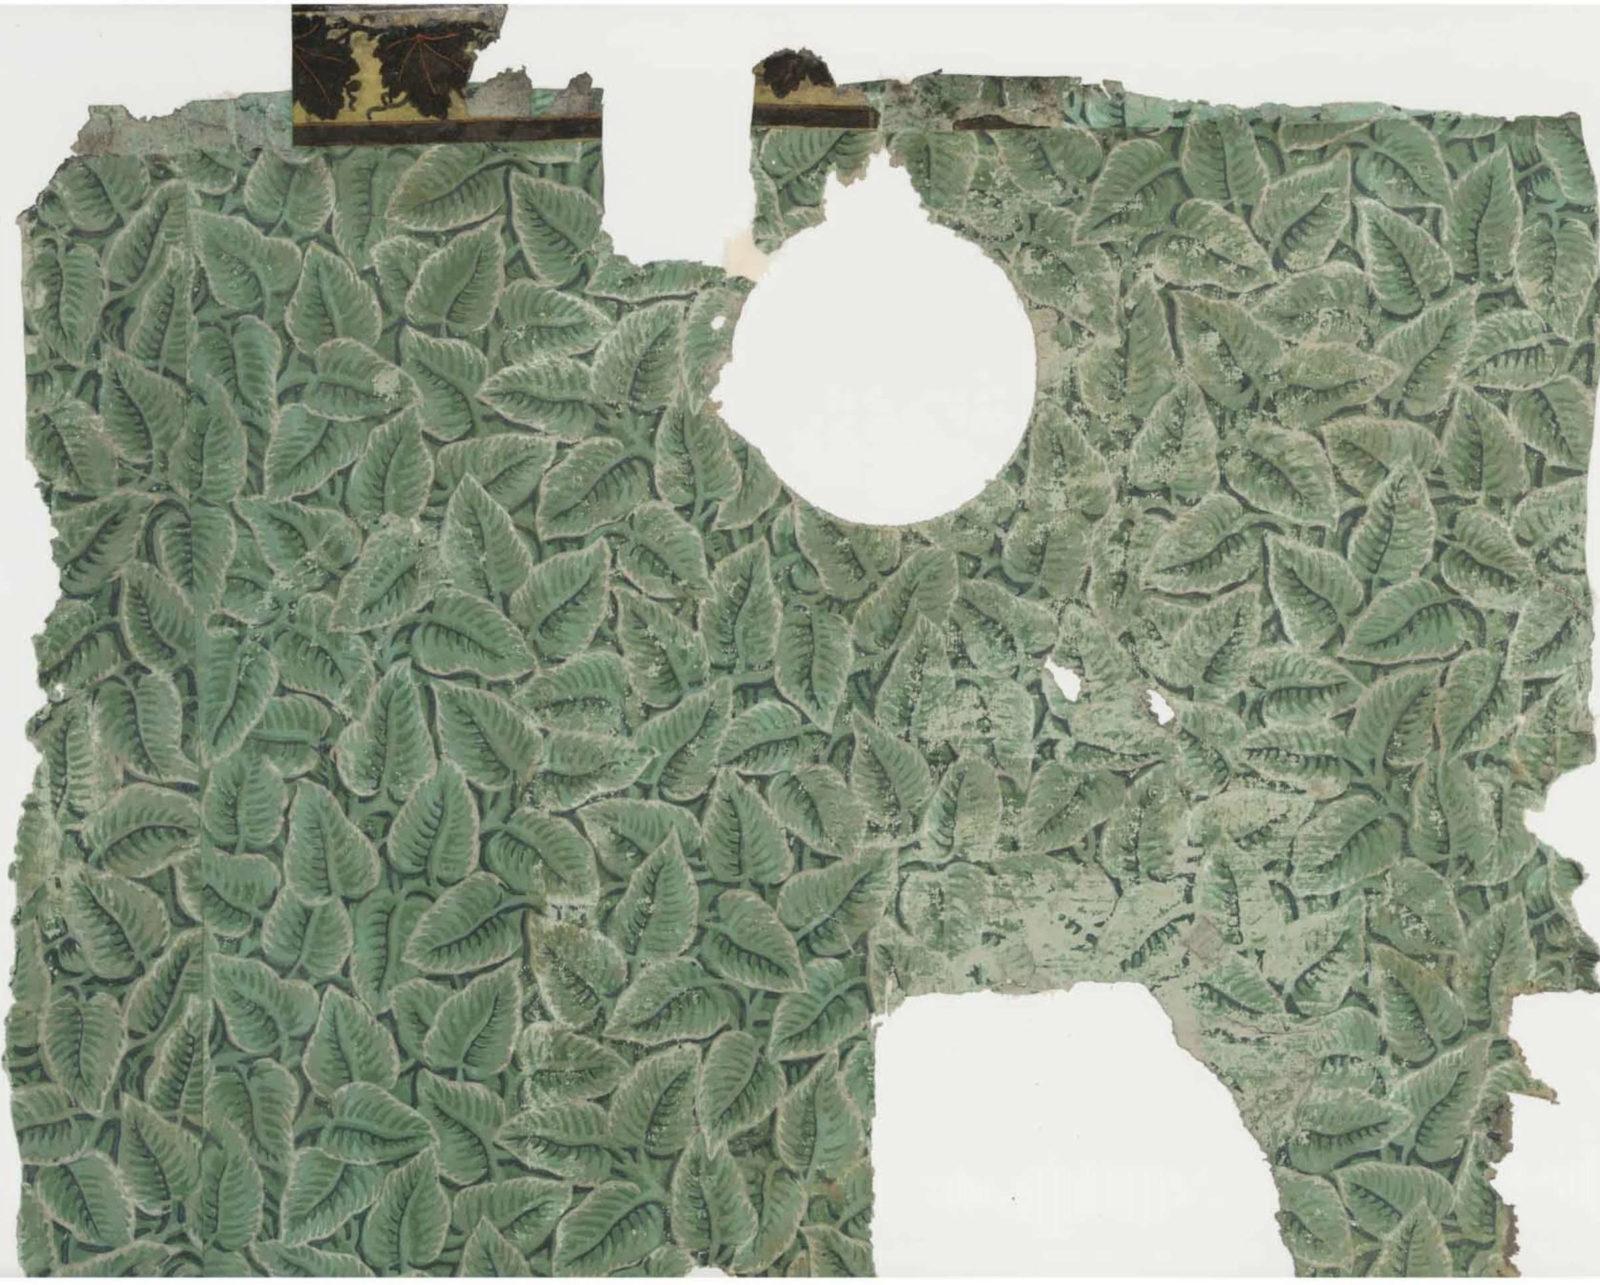 Dining Room wallpaper fragment